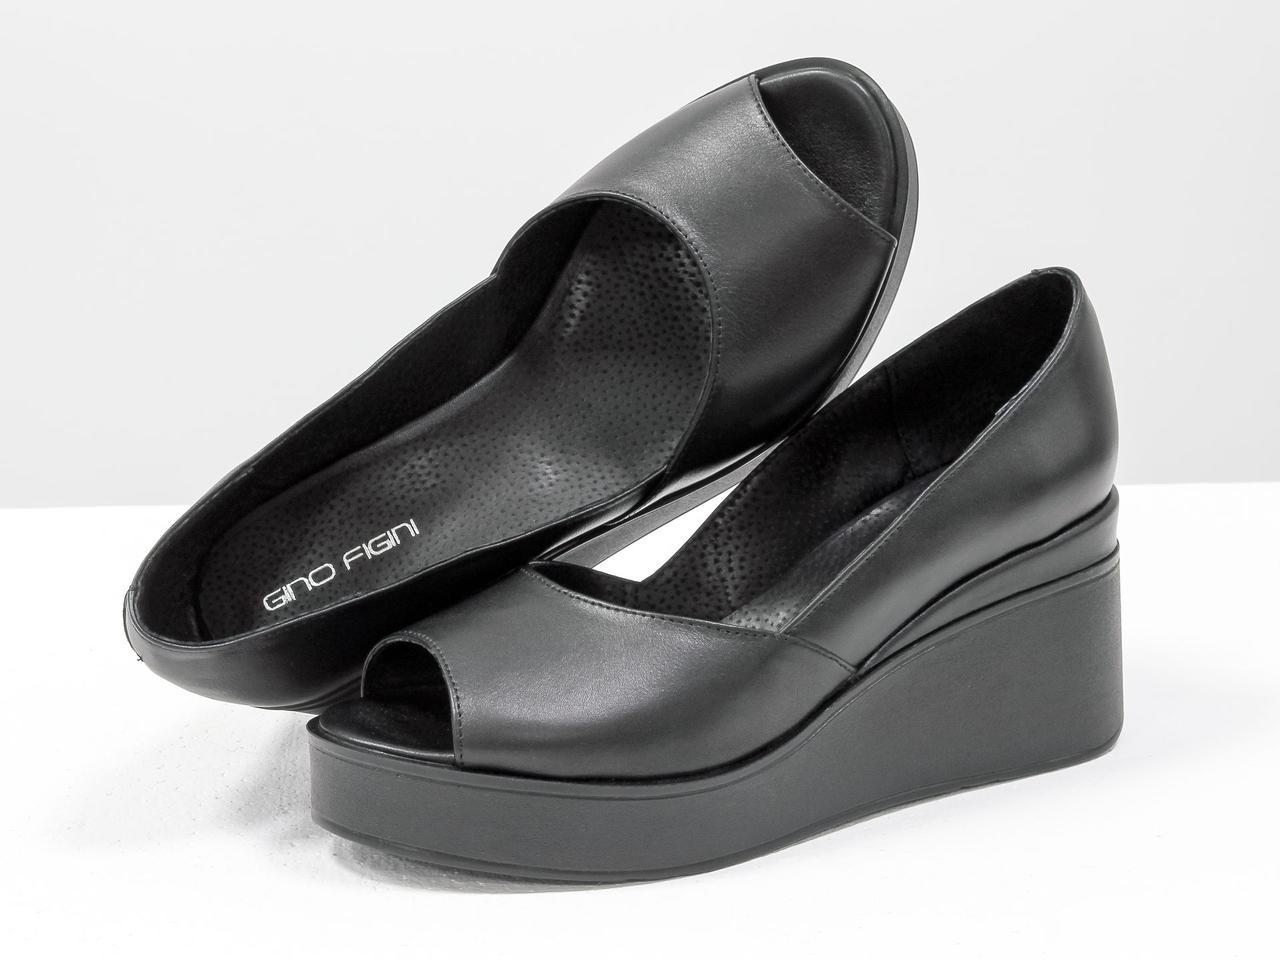 Туфлі чорні жіночі на танкетці з відкритим носиком, натуральна шкіра. З 36 по 41 р.